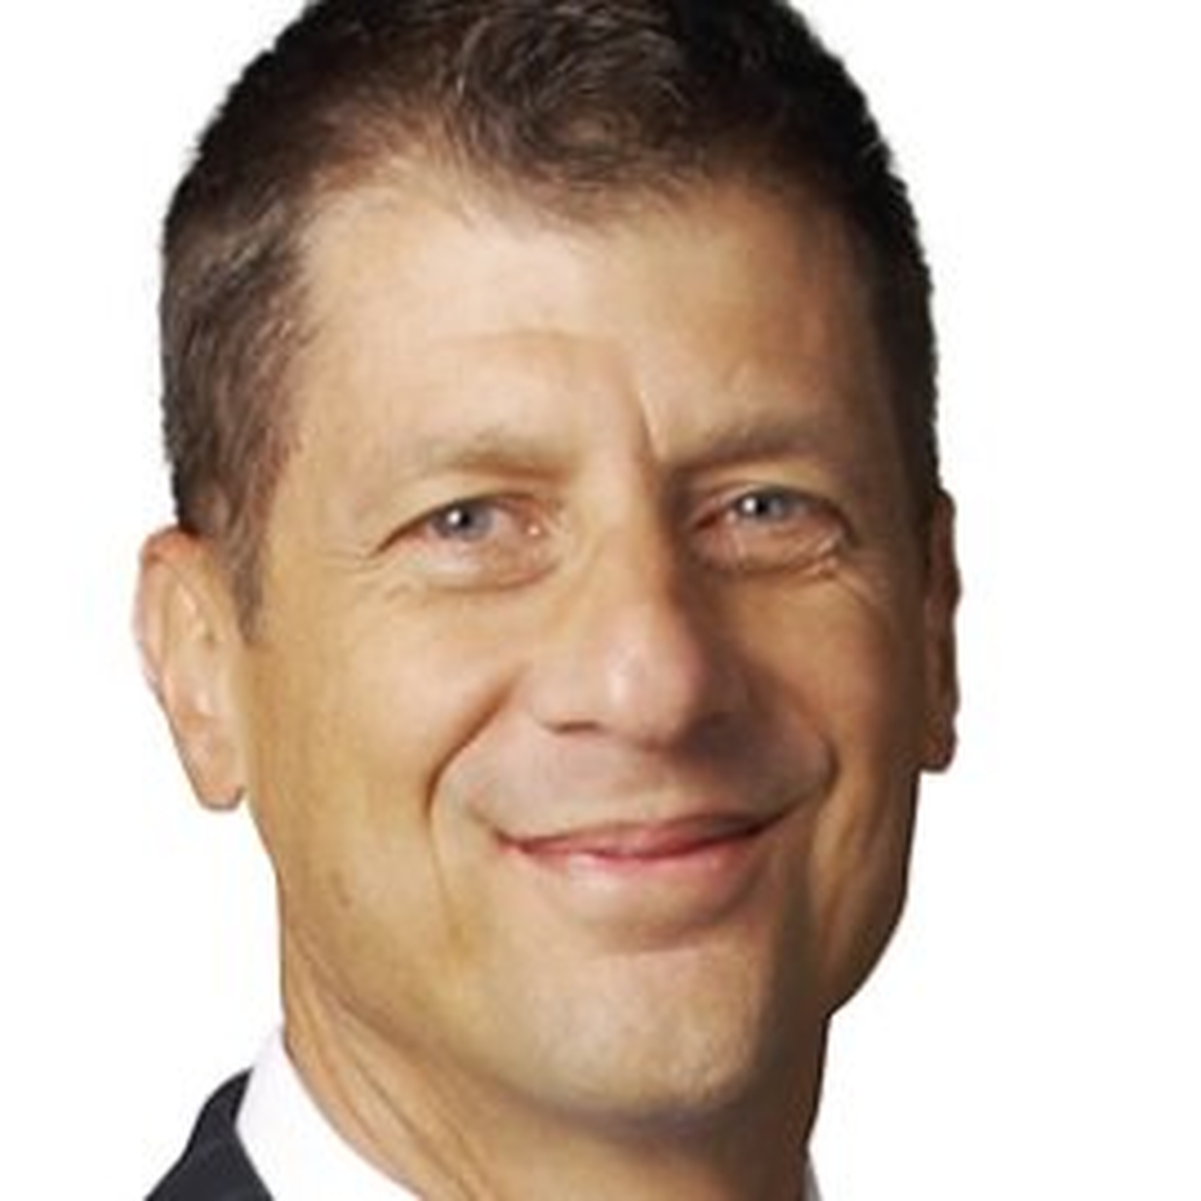 Steve Vamos